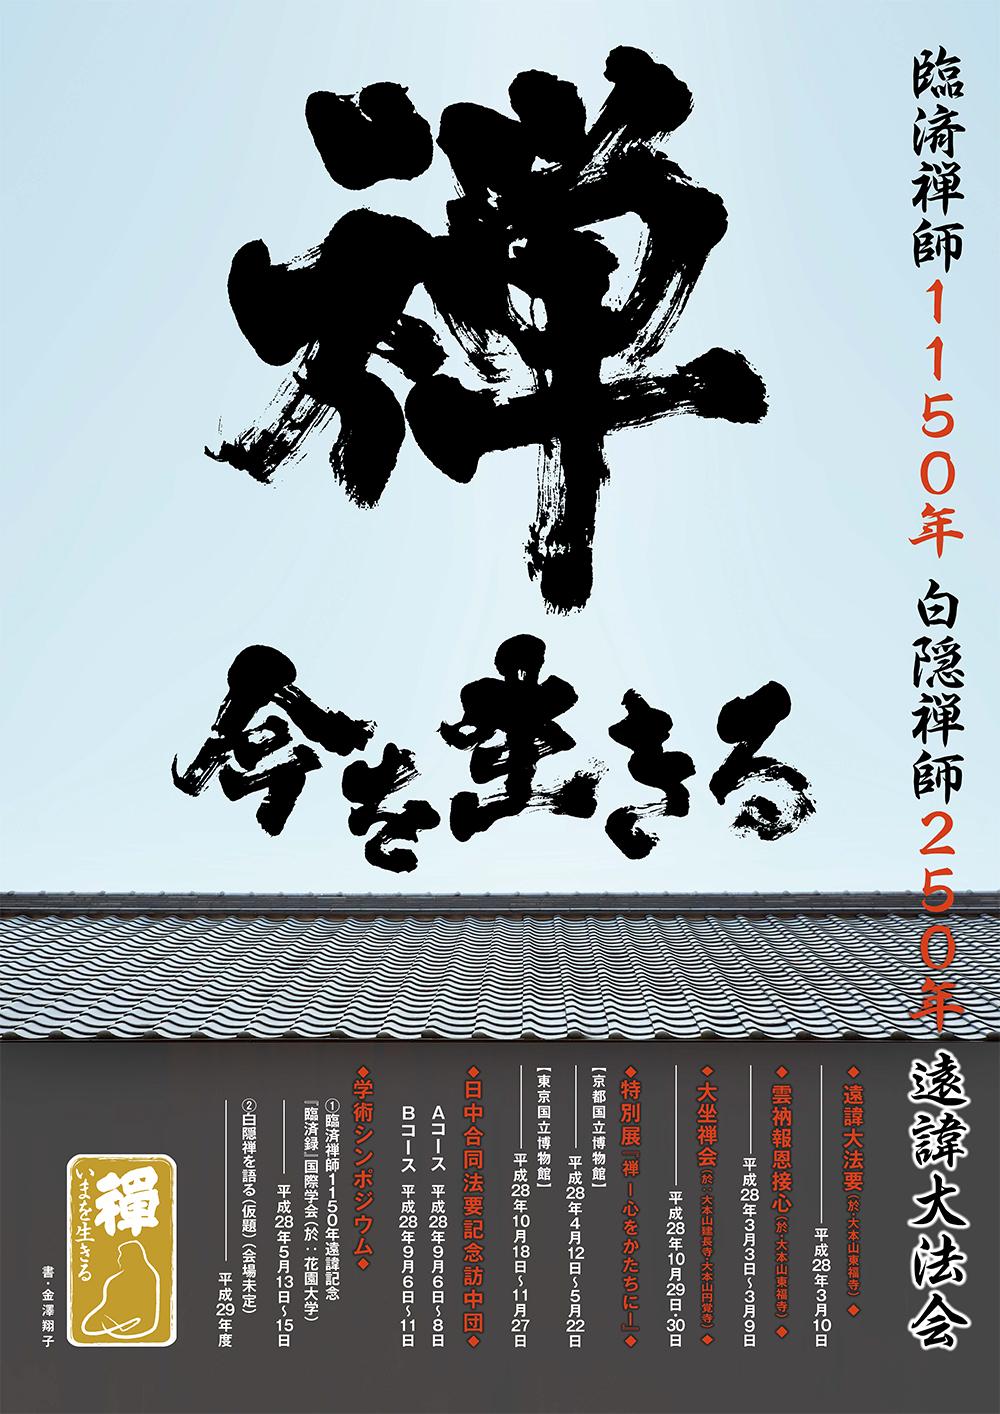 http://rinnou.net/rinzai1150/images/3rd-poster.jpg